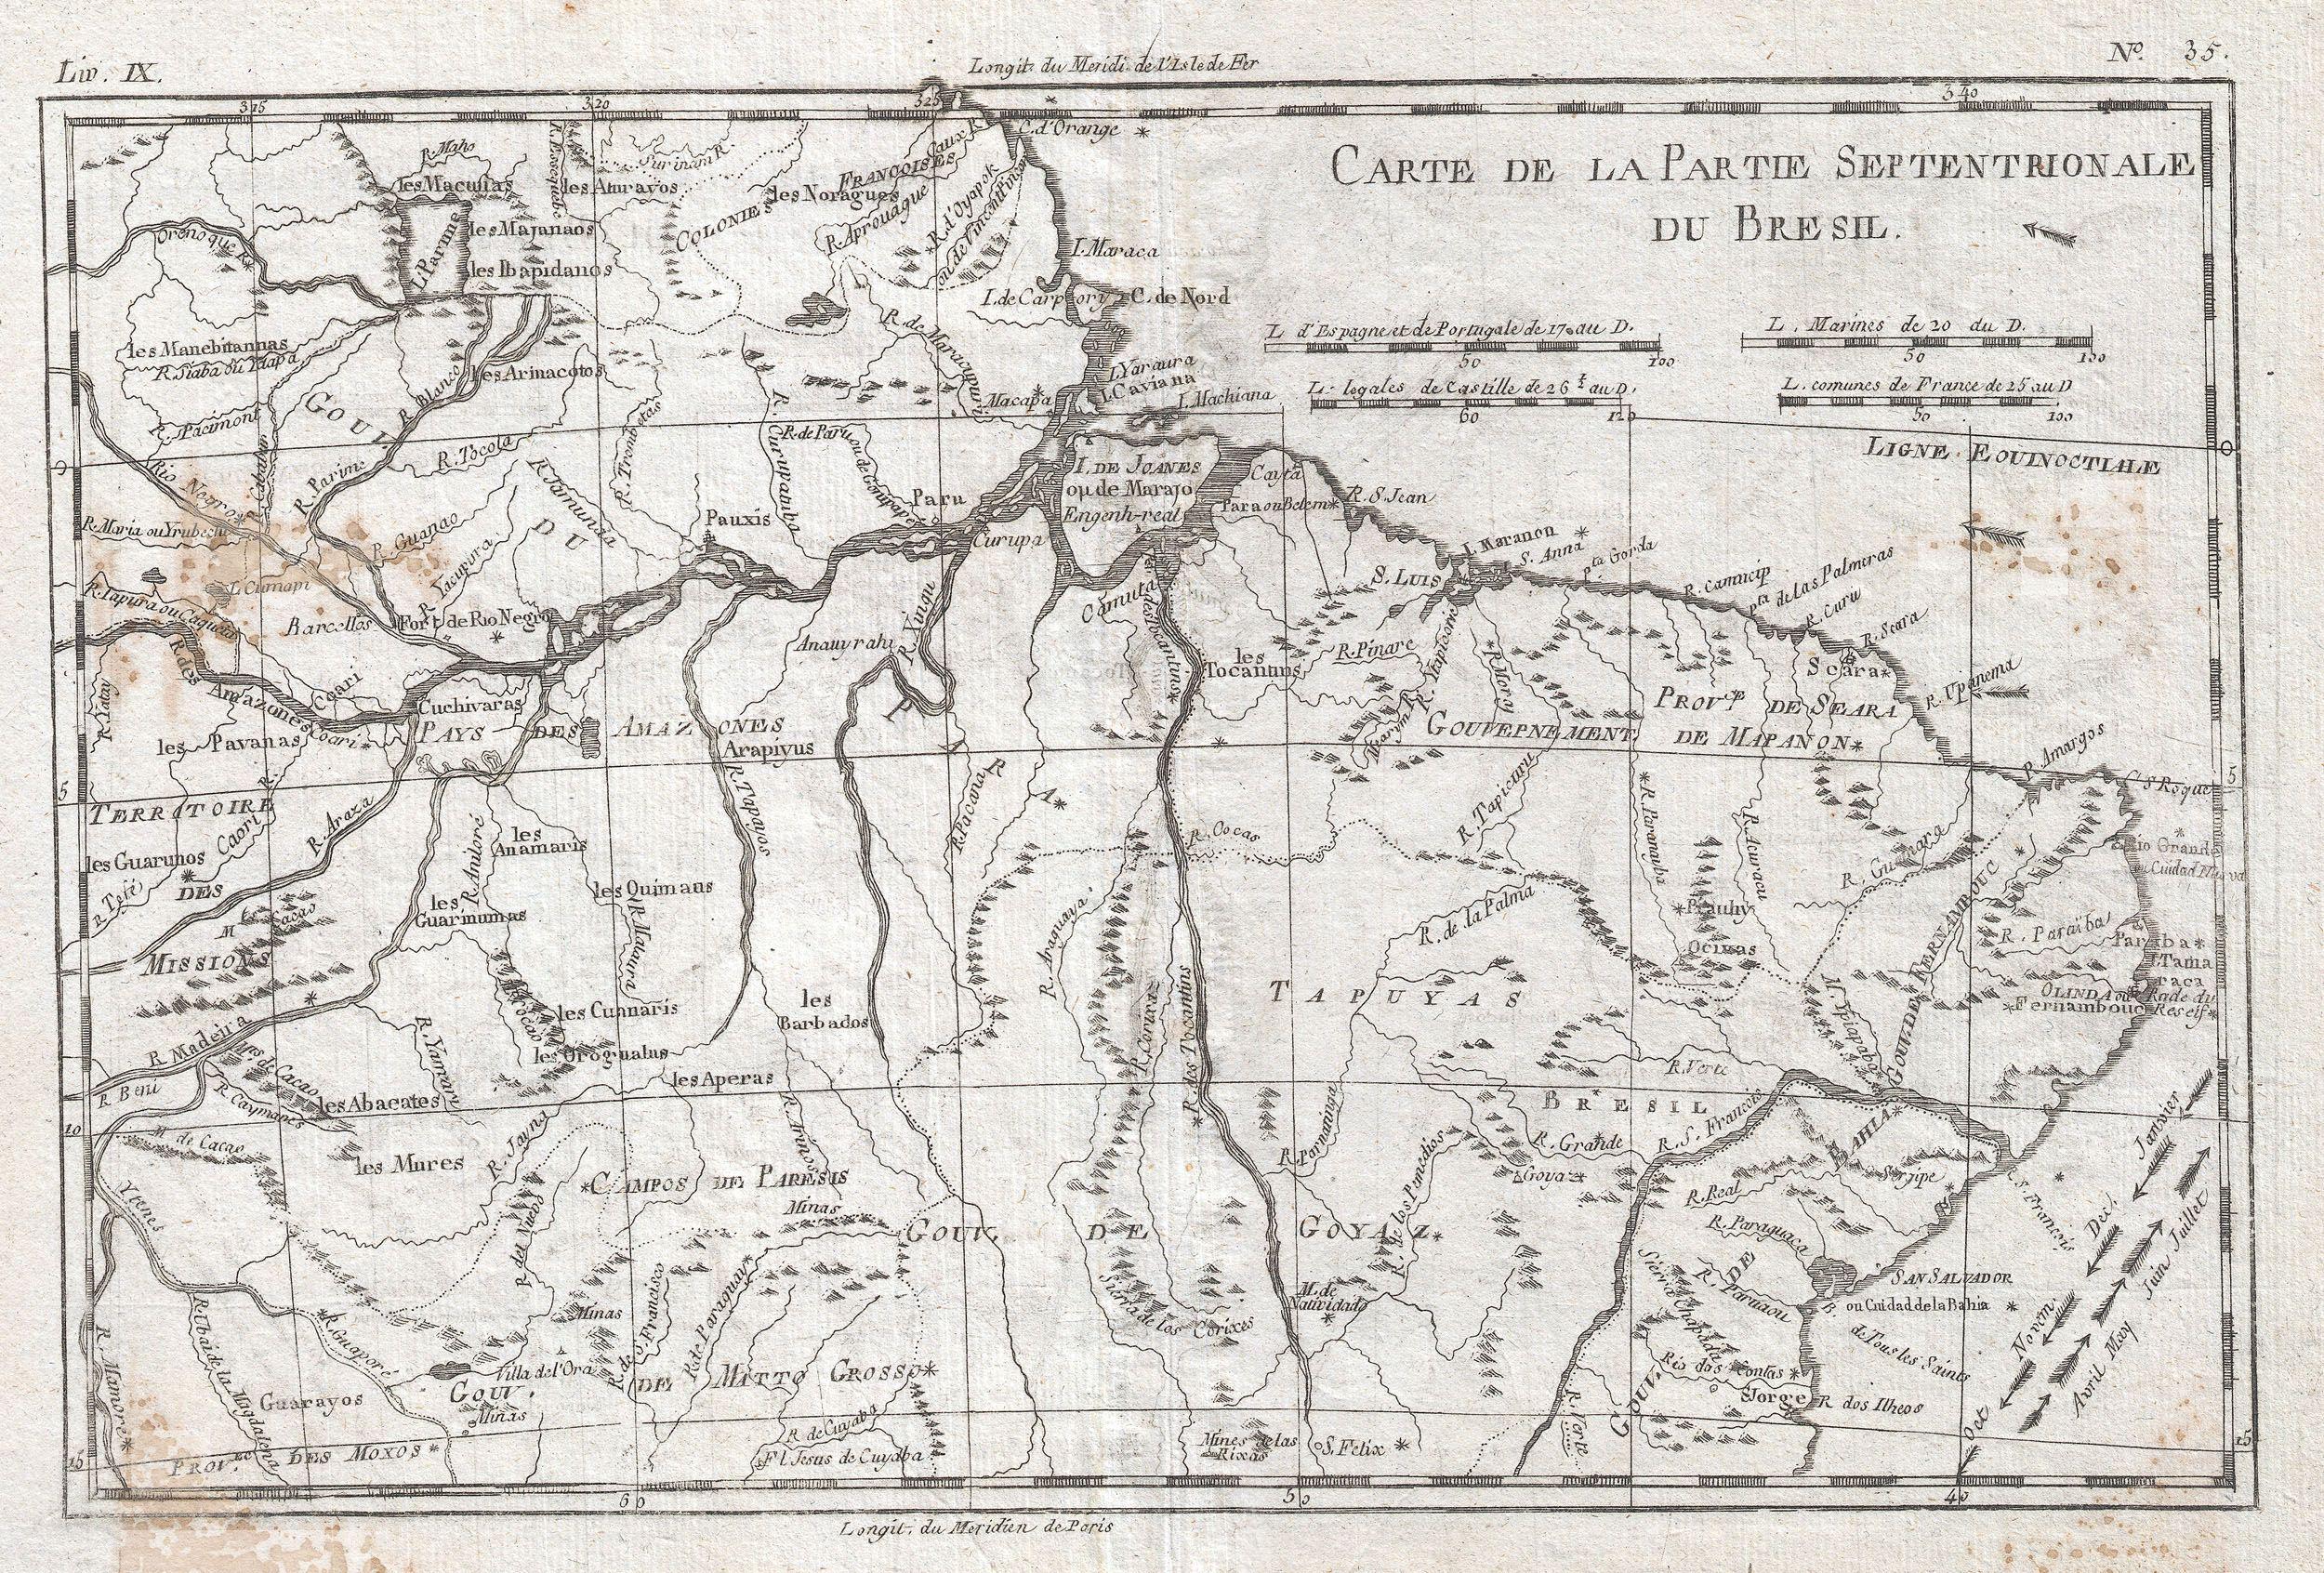 1780 in Brazil